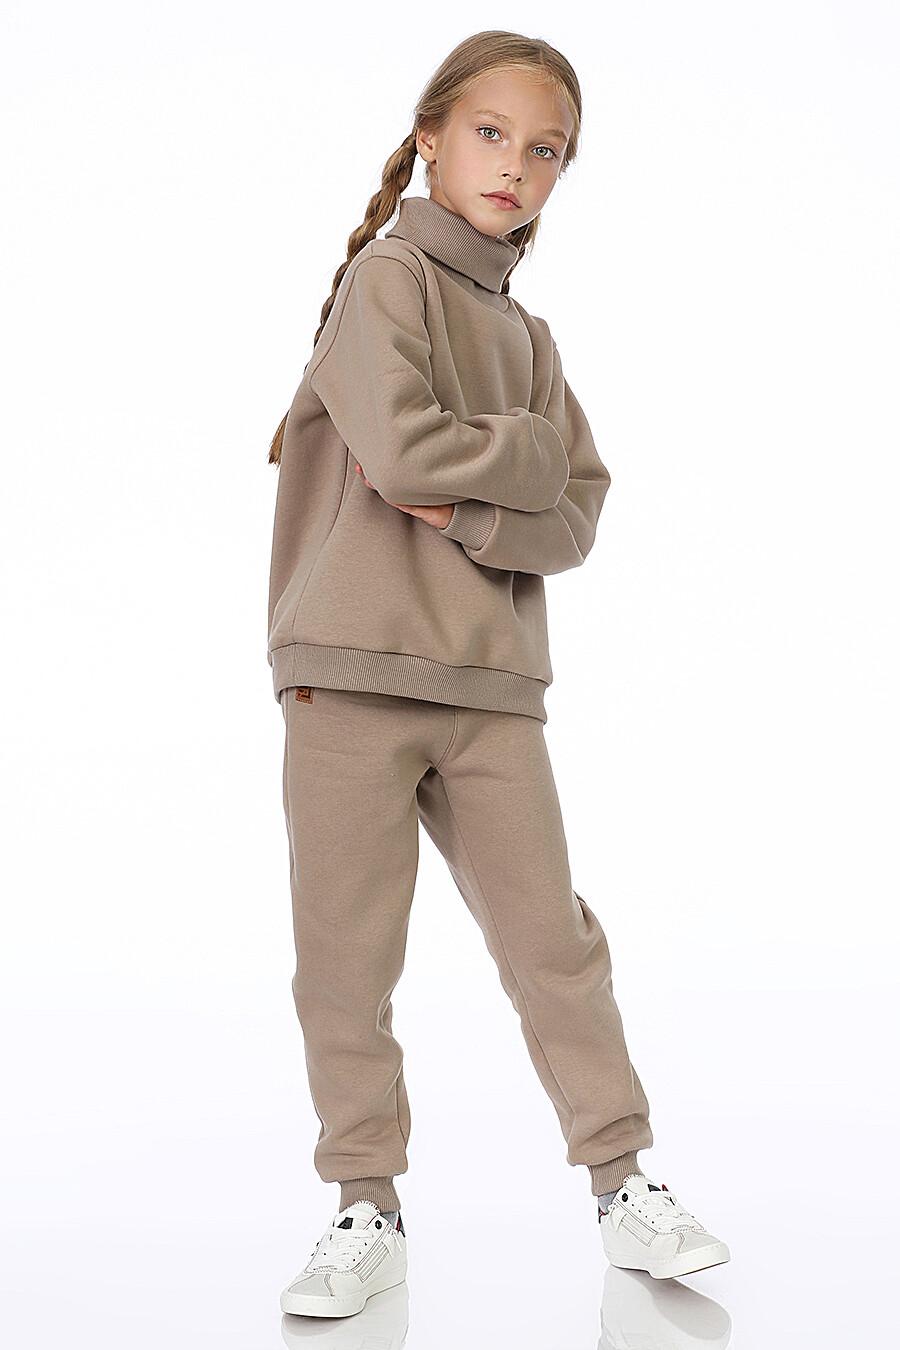 Водолазка для девочек EZANNA 700385 купить оптом от производителя. Совместная покупка детской одежды в OptMoyo